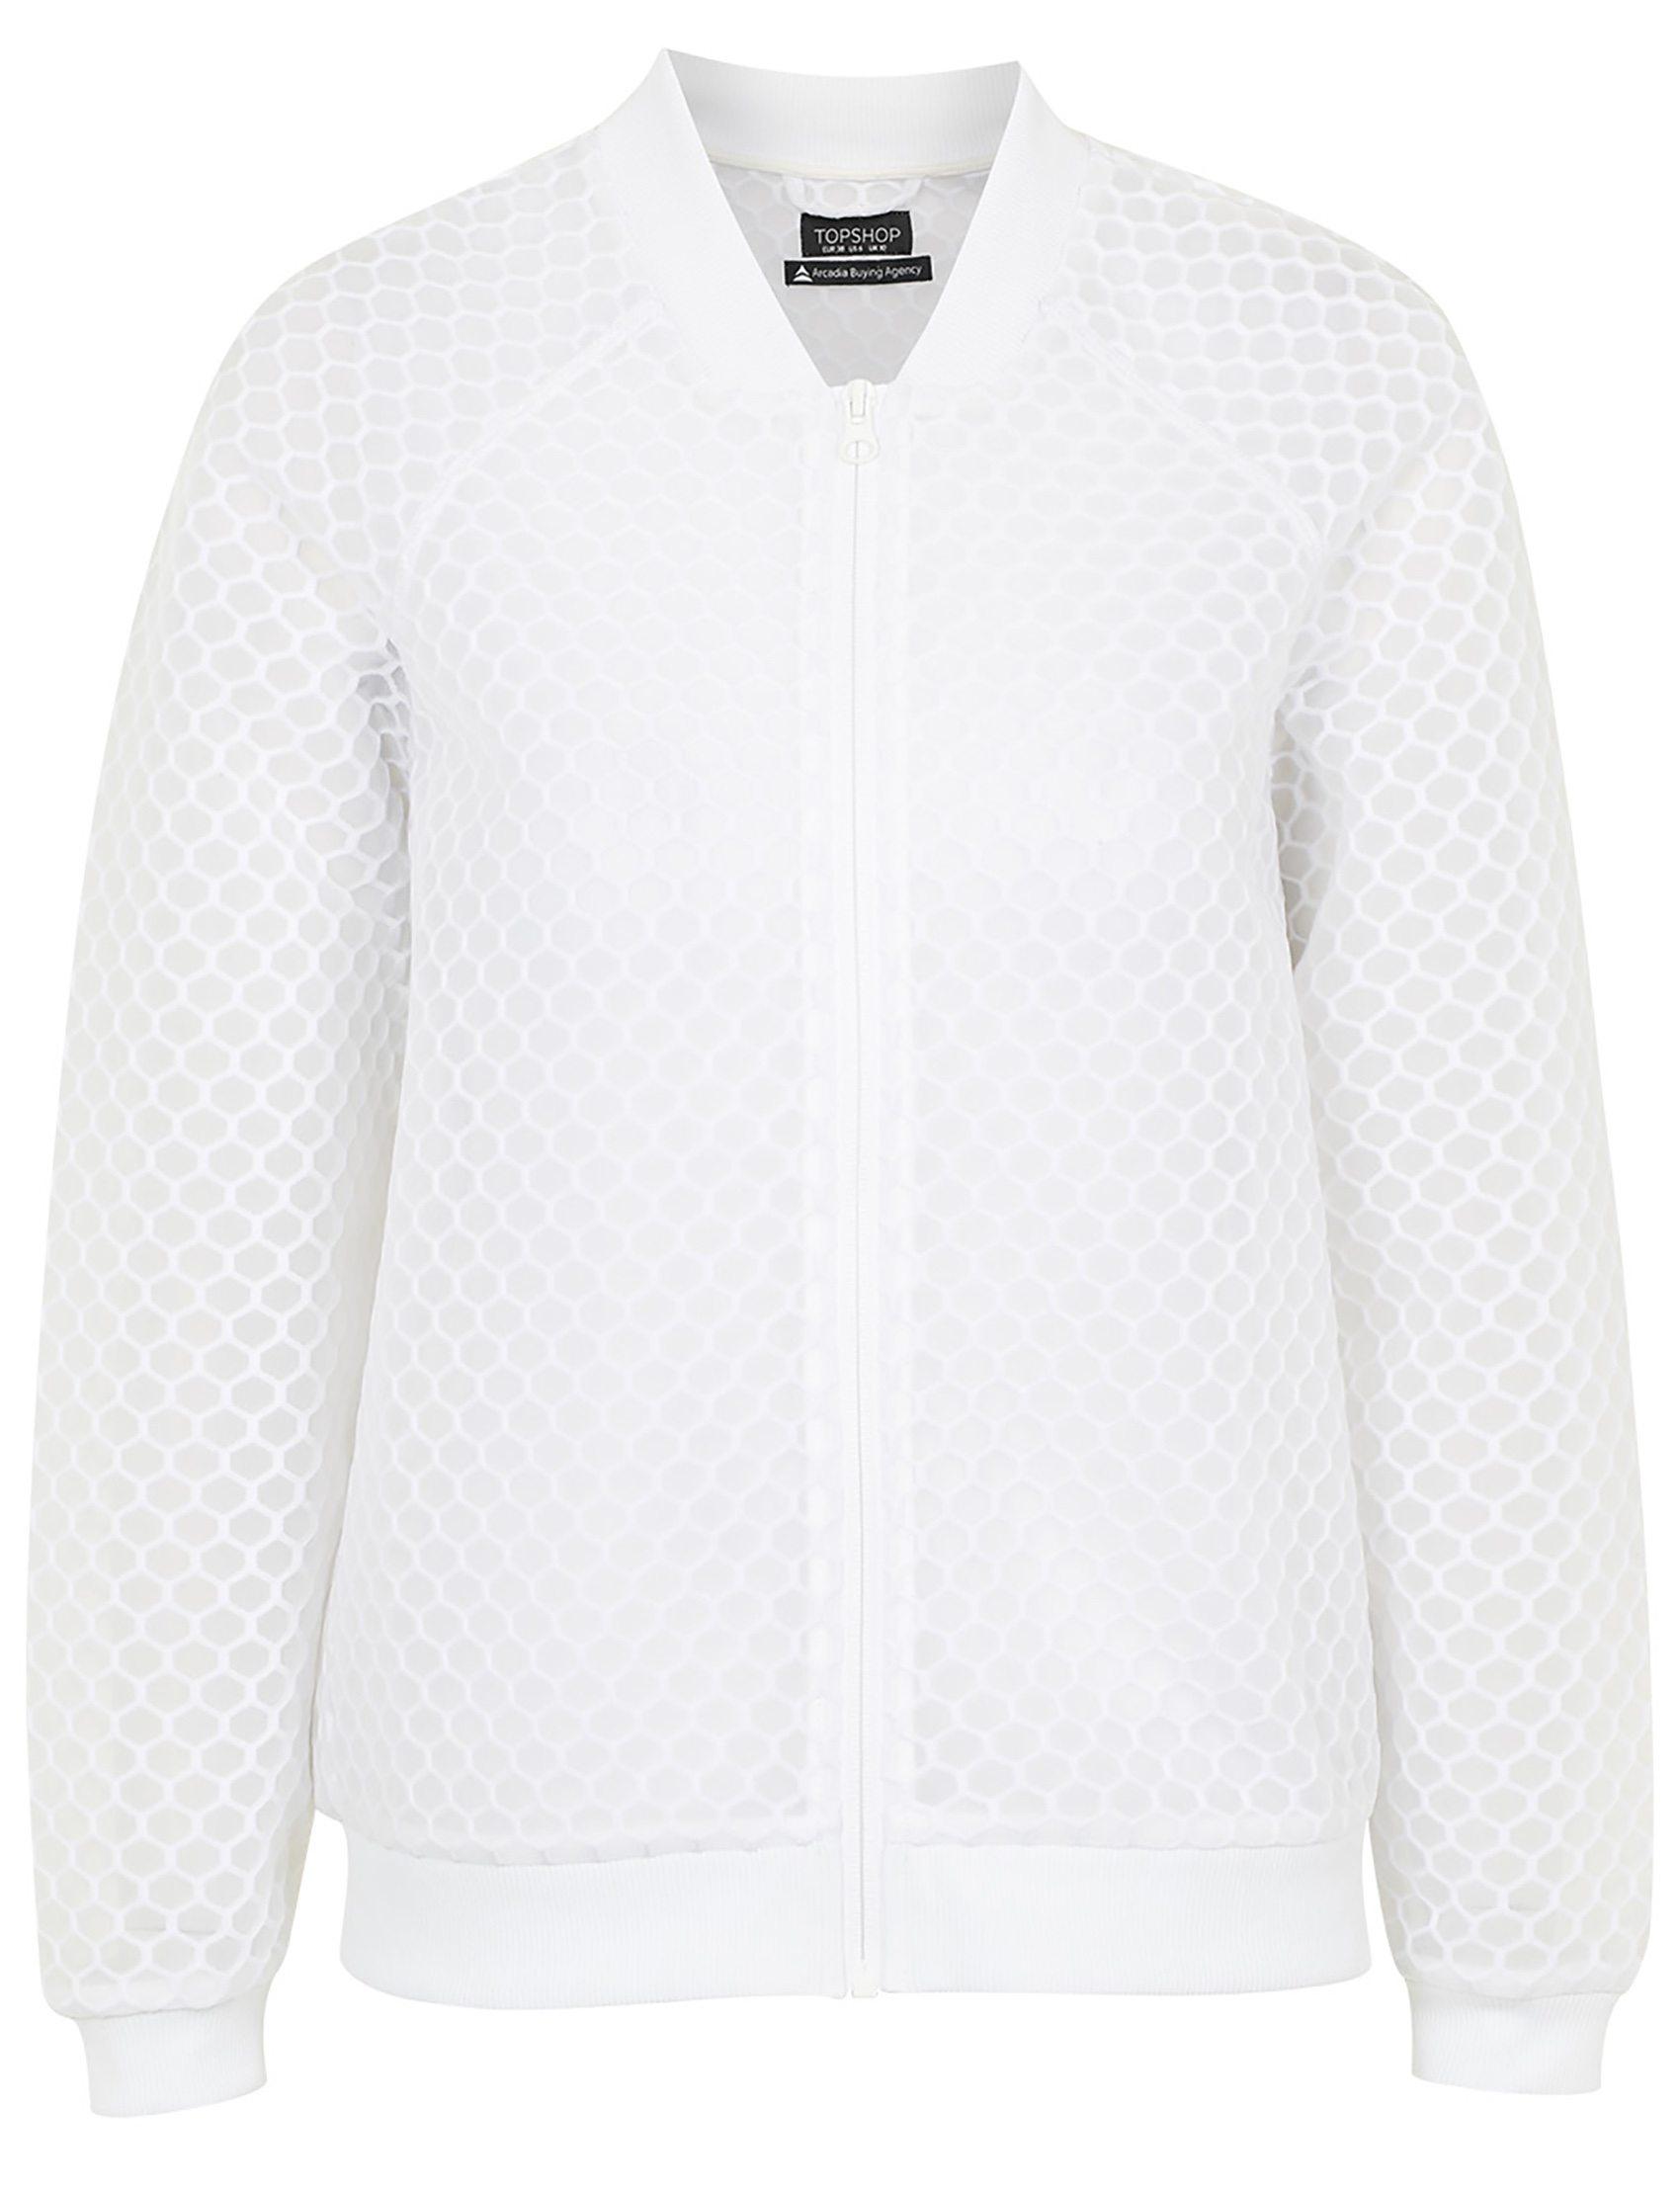 Ivy Park Hexagon Mesh Bomber in White, $115 NEW